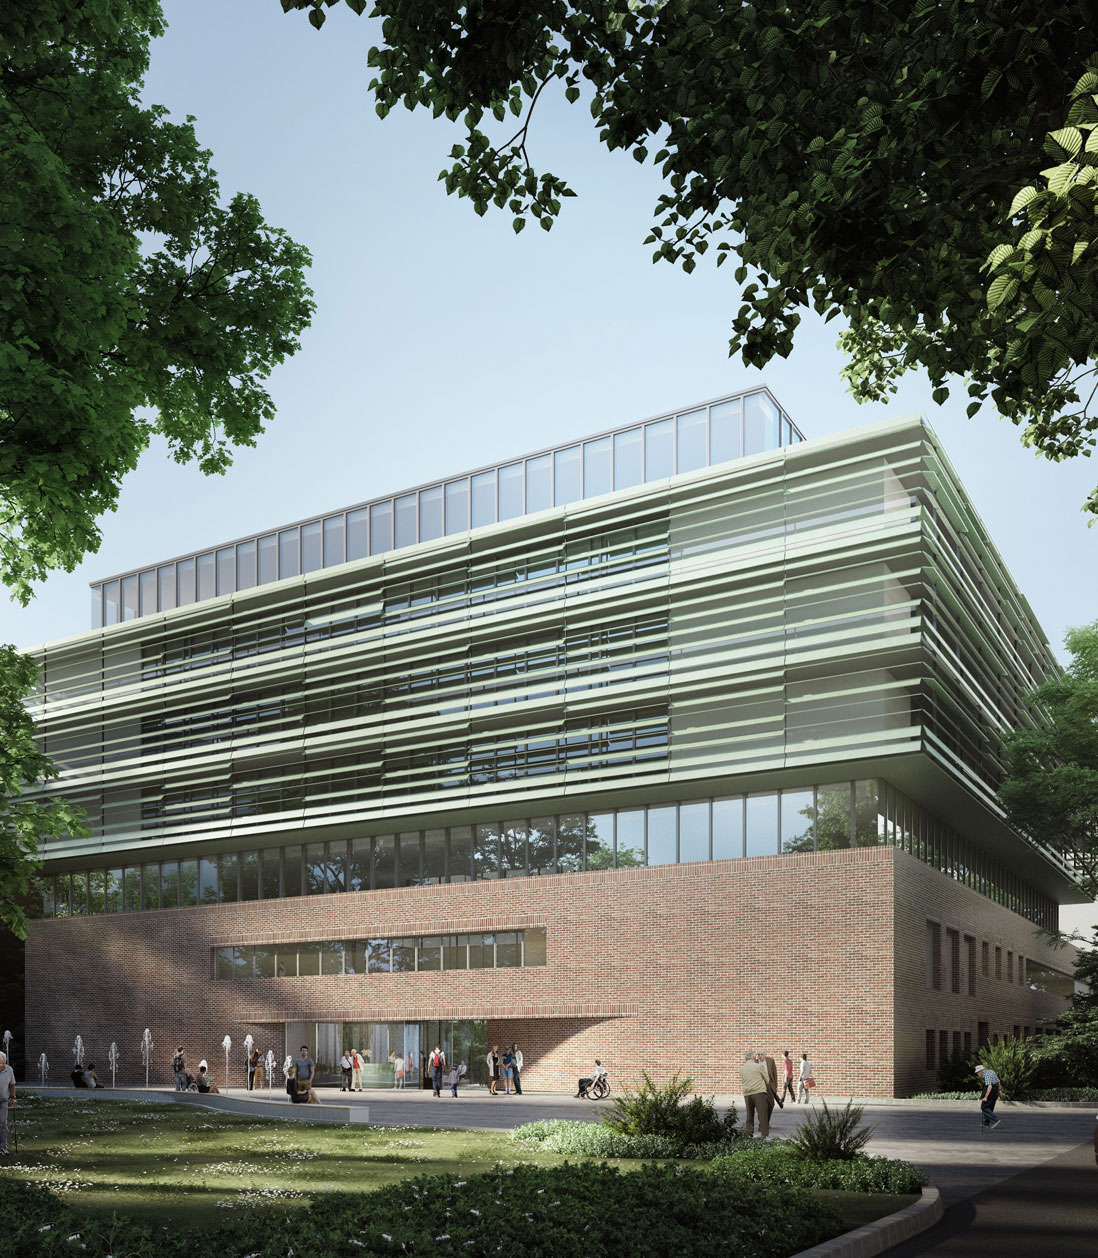 Neubau Martini-Klinik Universitätsklinikum Hamburg-Eppendorf